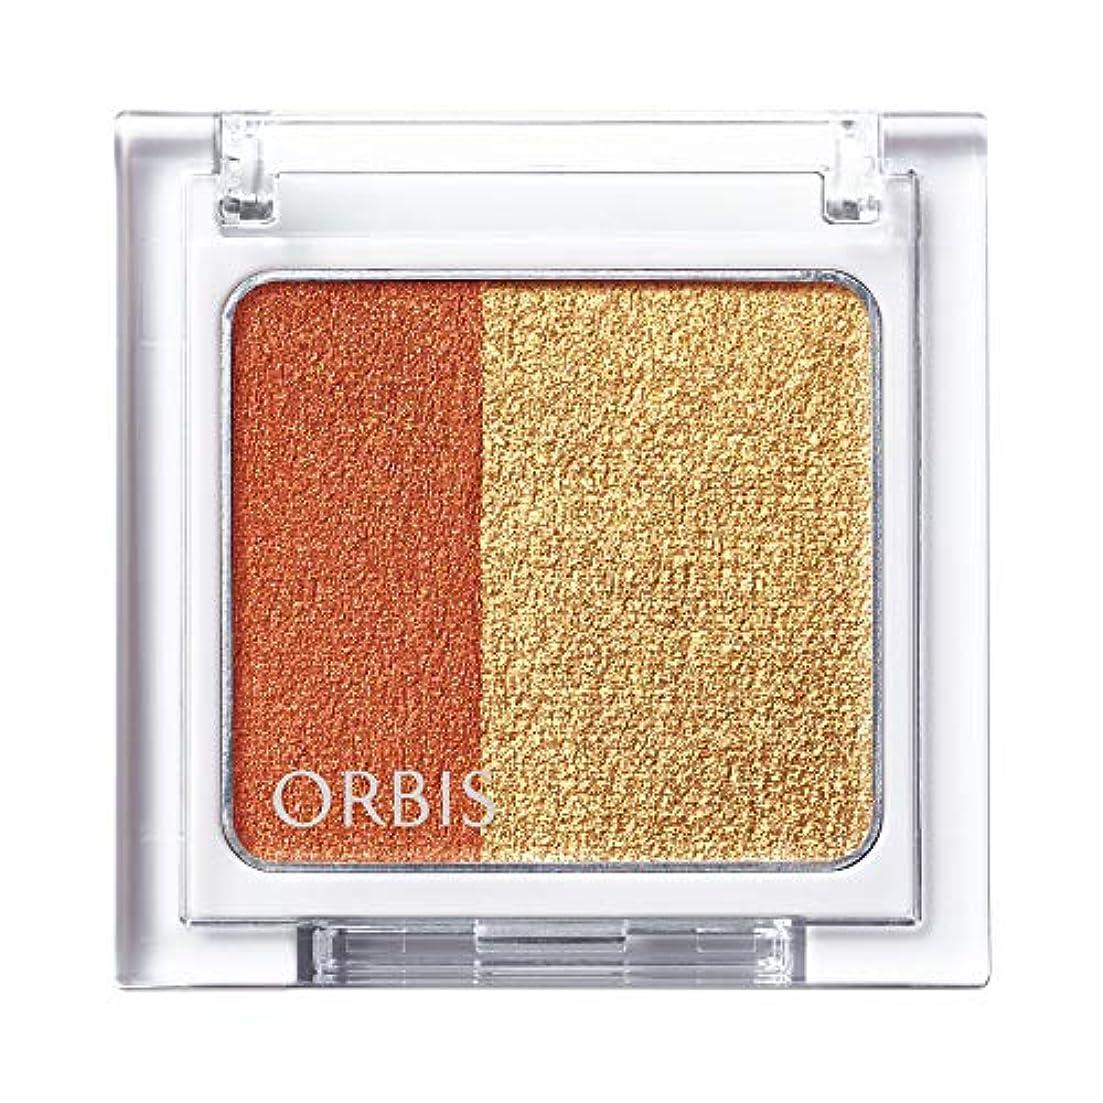 火曜日みなすテナントオルビス(ORBIS) ツイングラデーションアイカラー オレンジブリック(パウダータイプ) ◎アイシャドウ◎